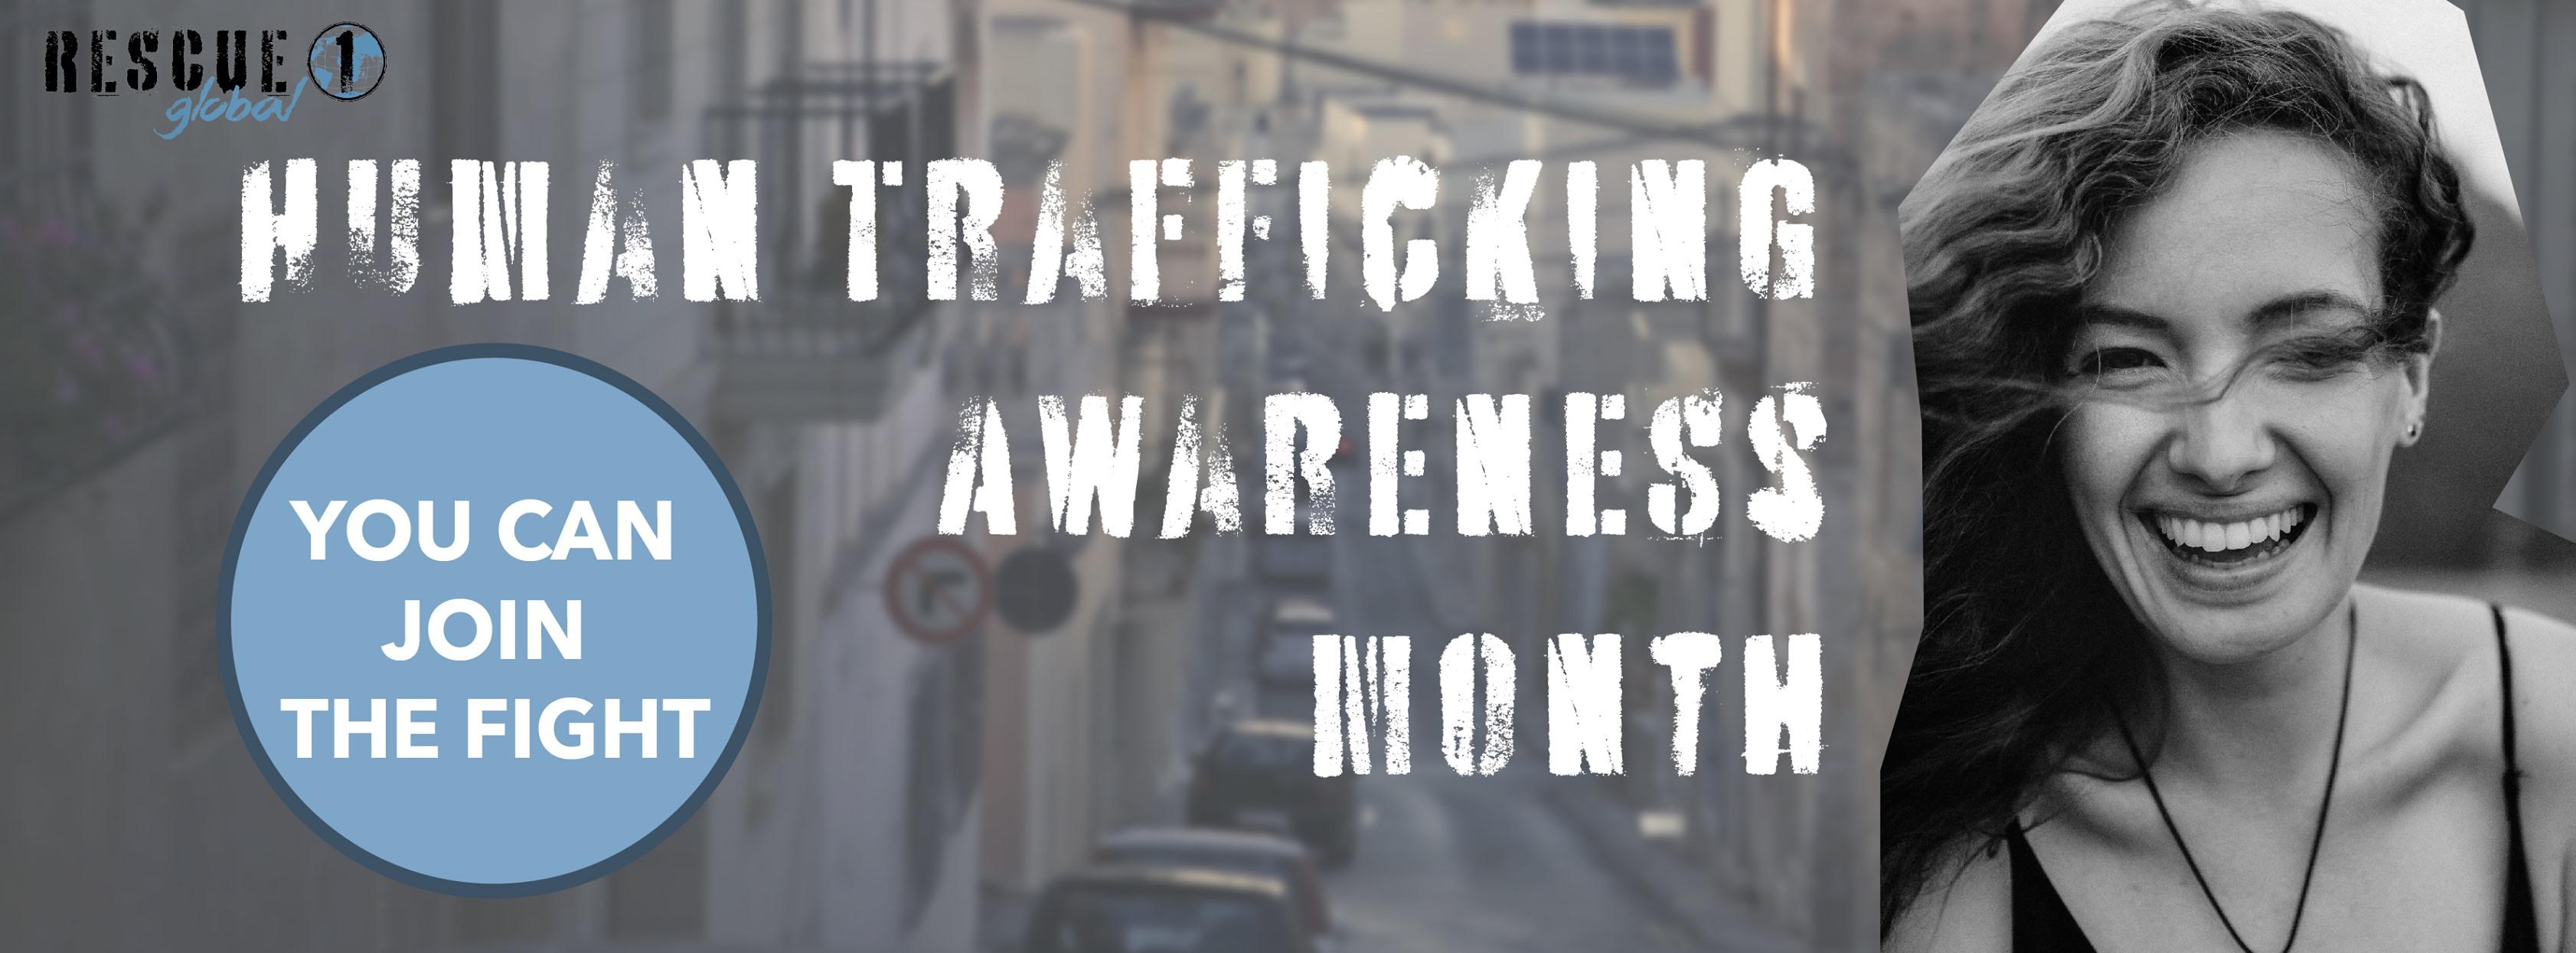 ht-awareness-banner-2019